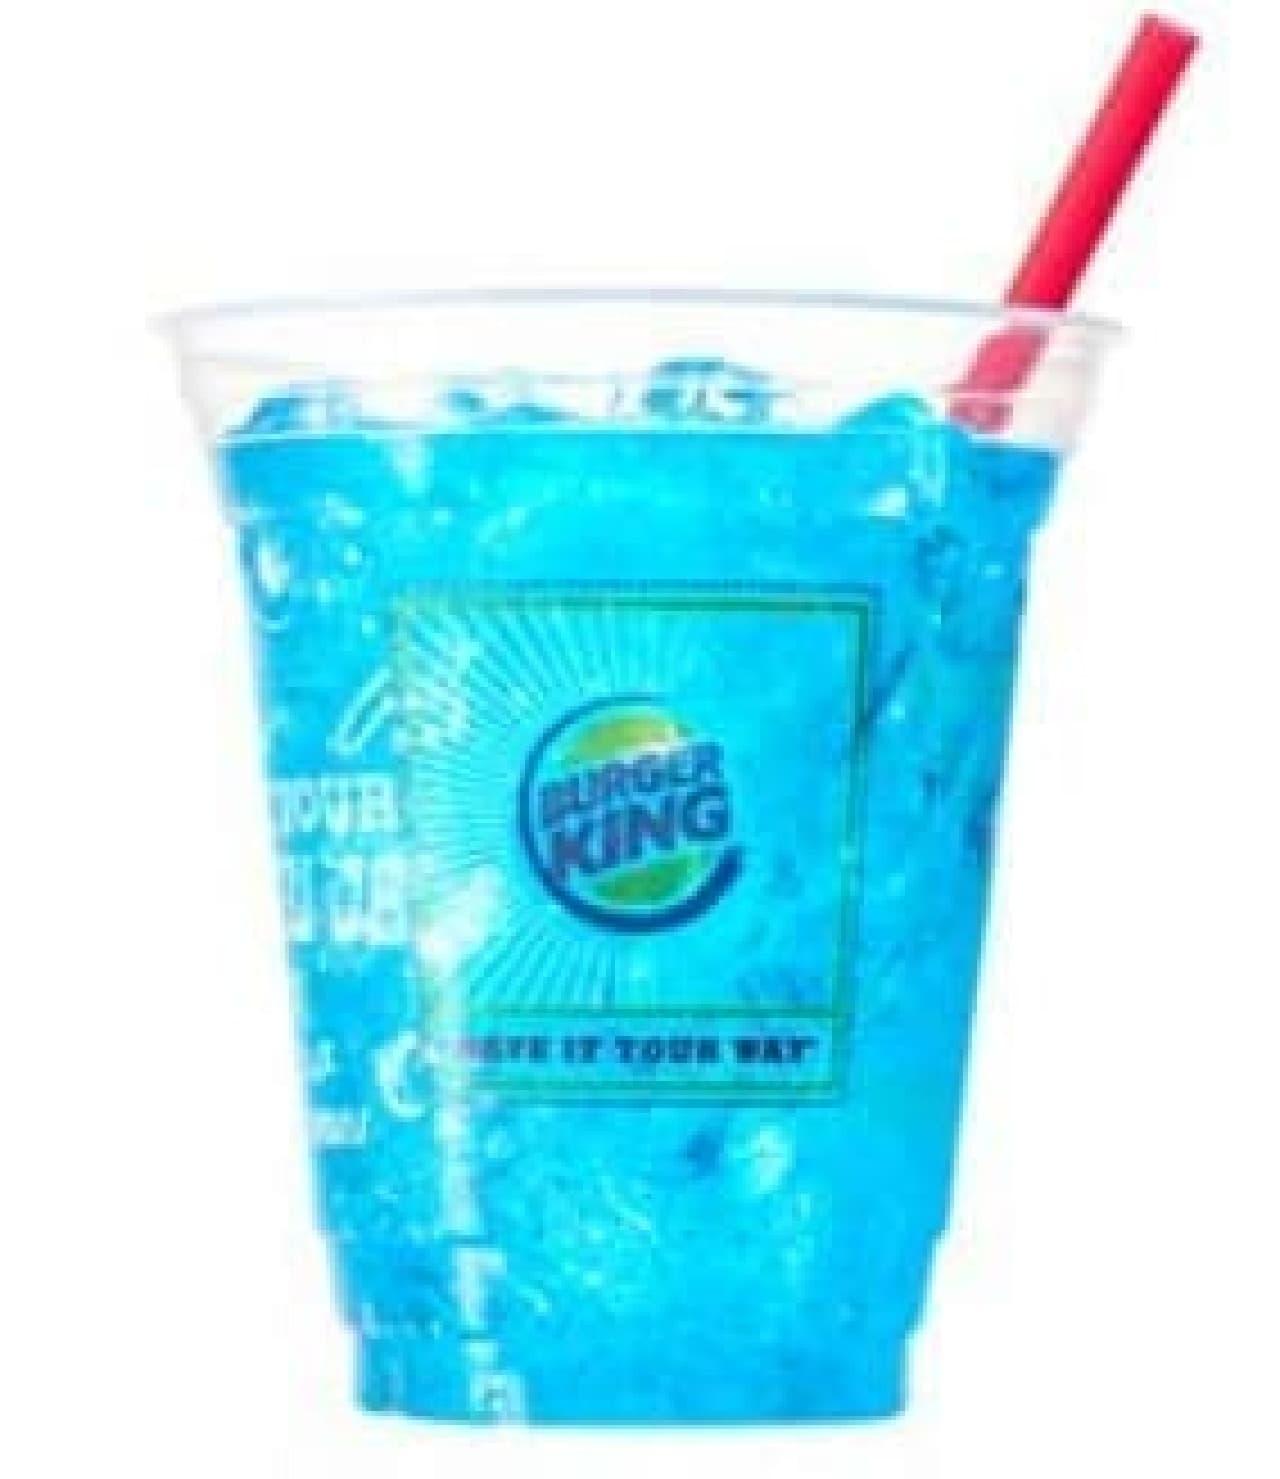 夏らしい青色「ブルー スパークリング」